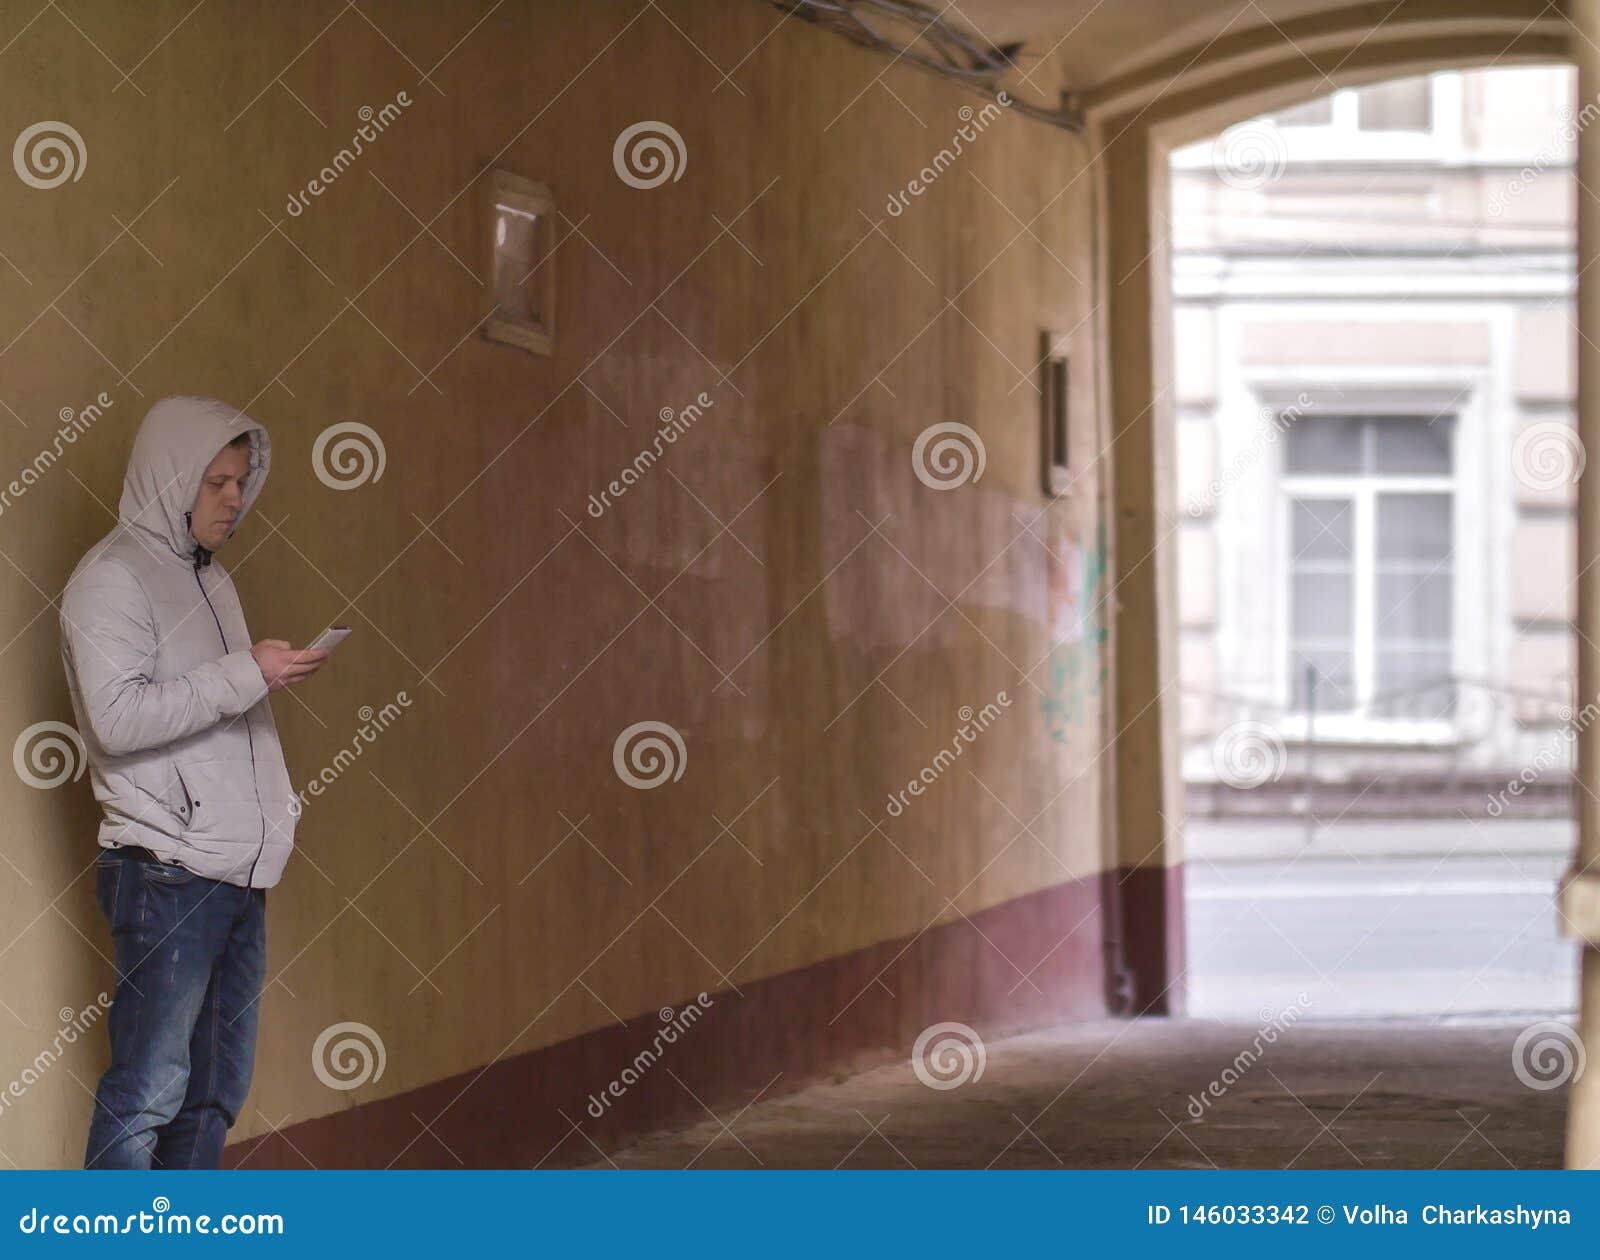 Silueta de un hombre en la capilla con la situación del teléfono en el arco del patio